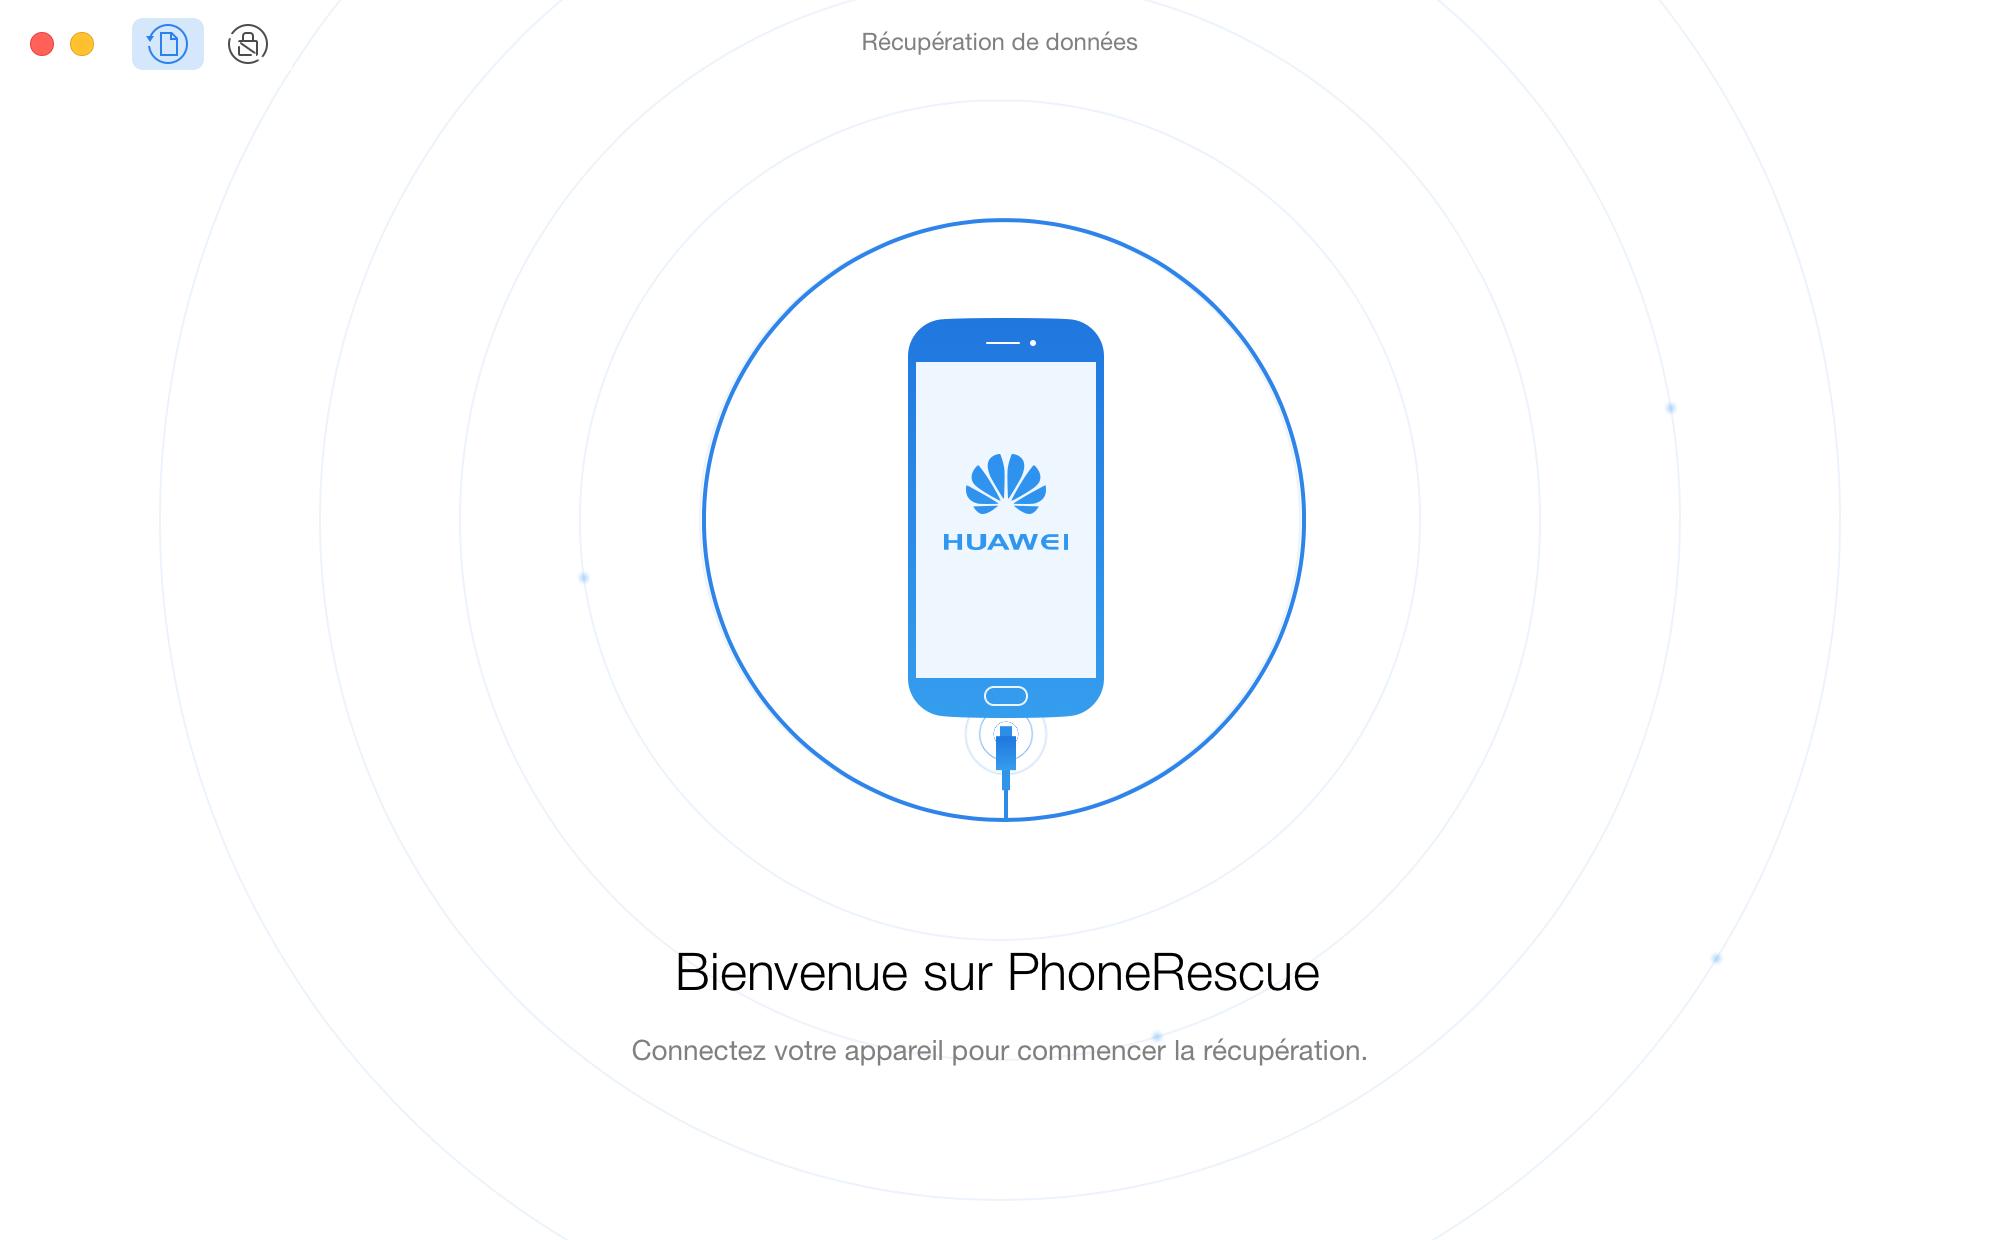 Connectez votre appareil Android